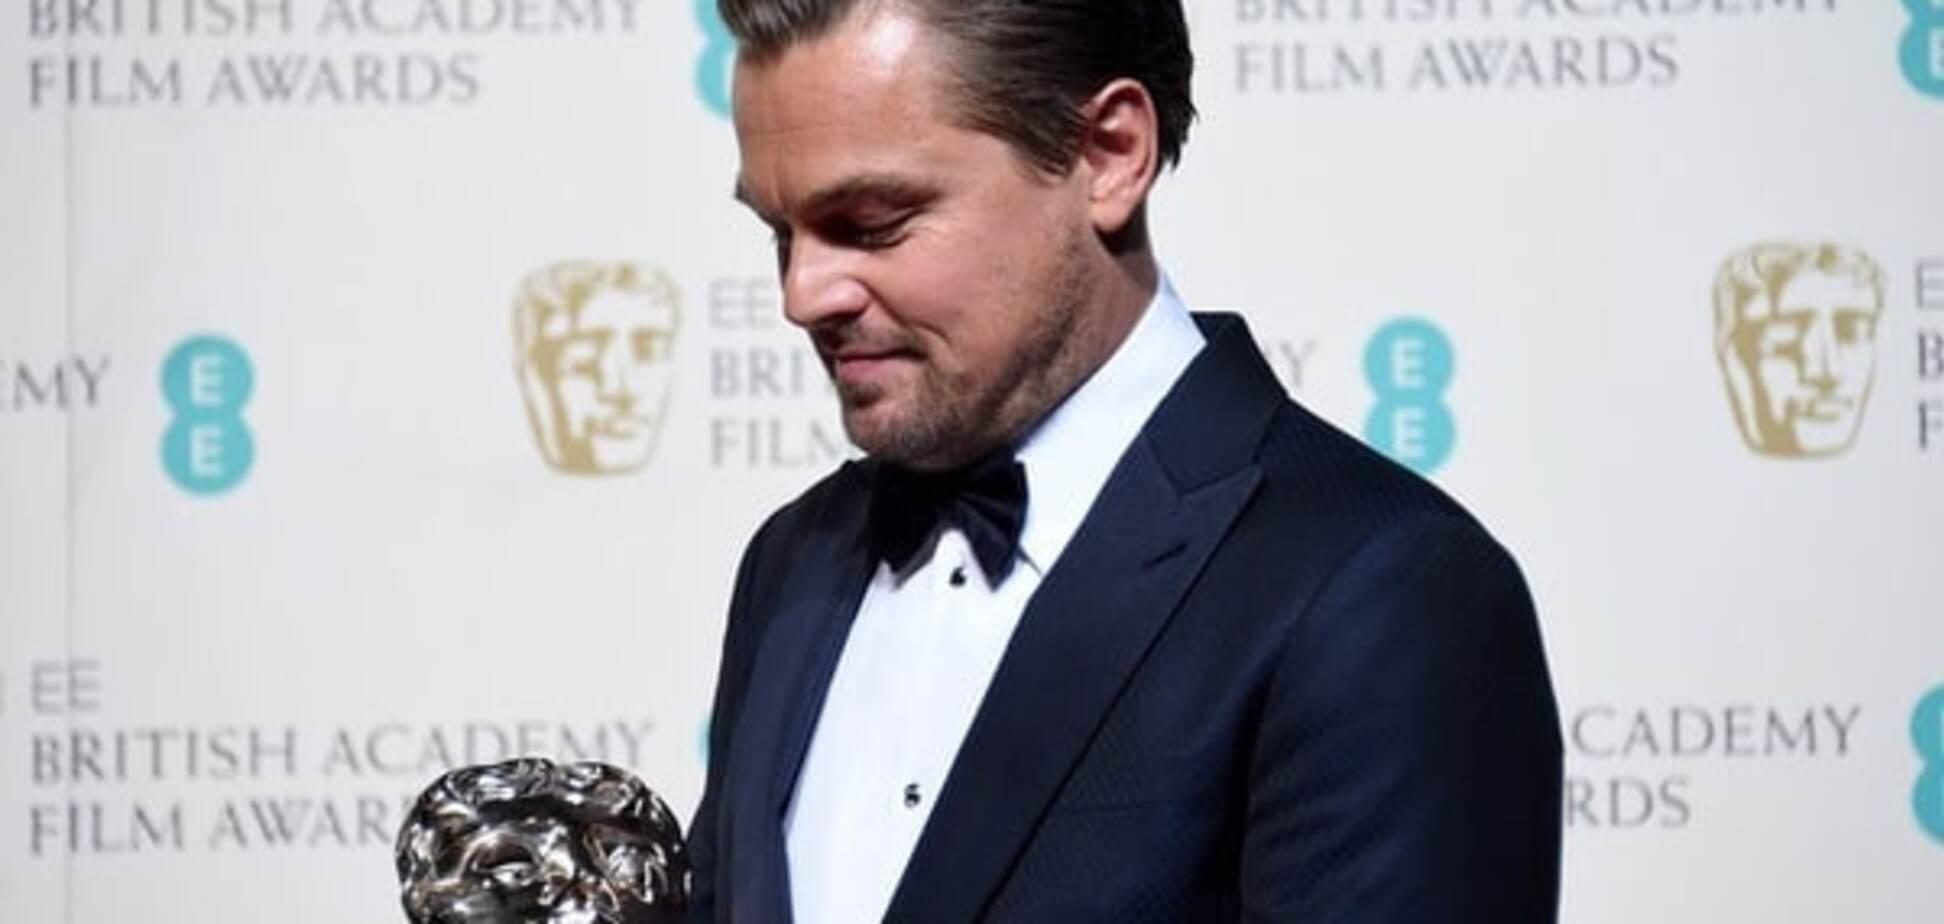 ДіКапріо отримав премію за кращу чоловічу роль